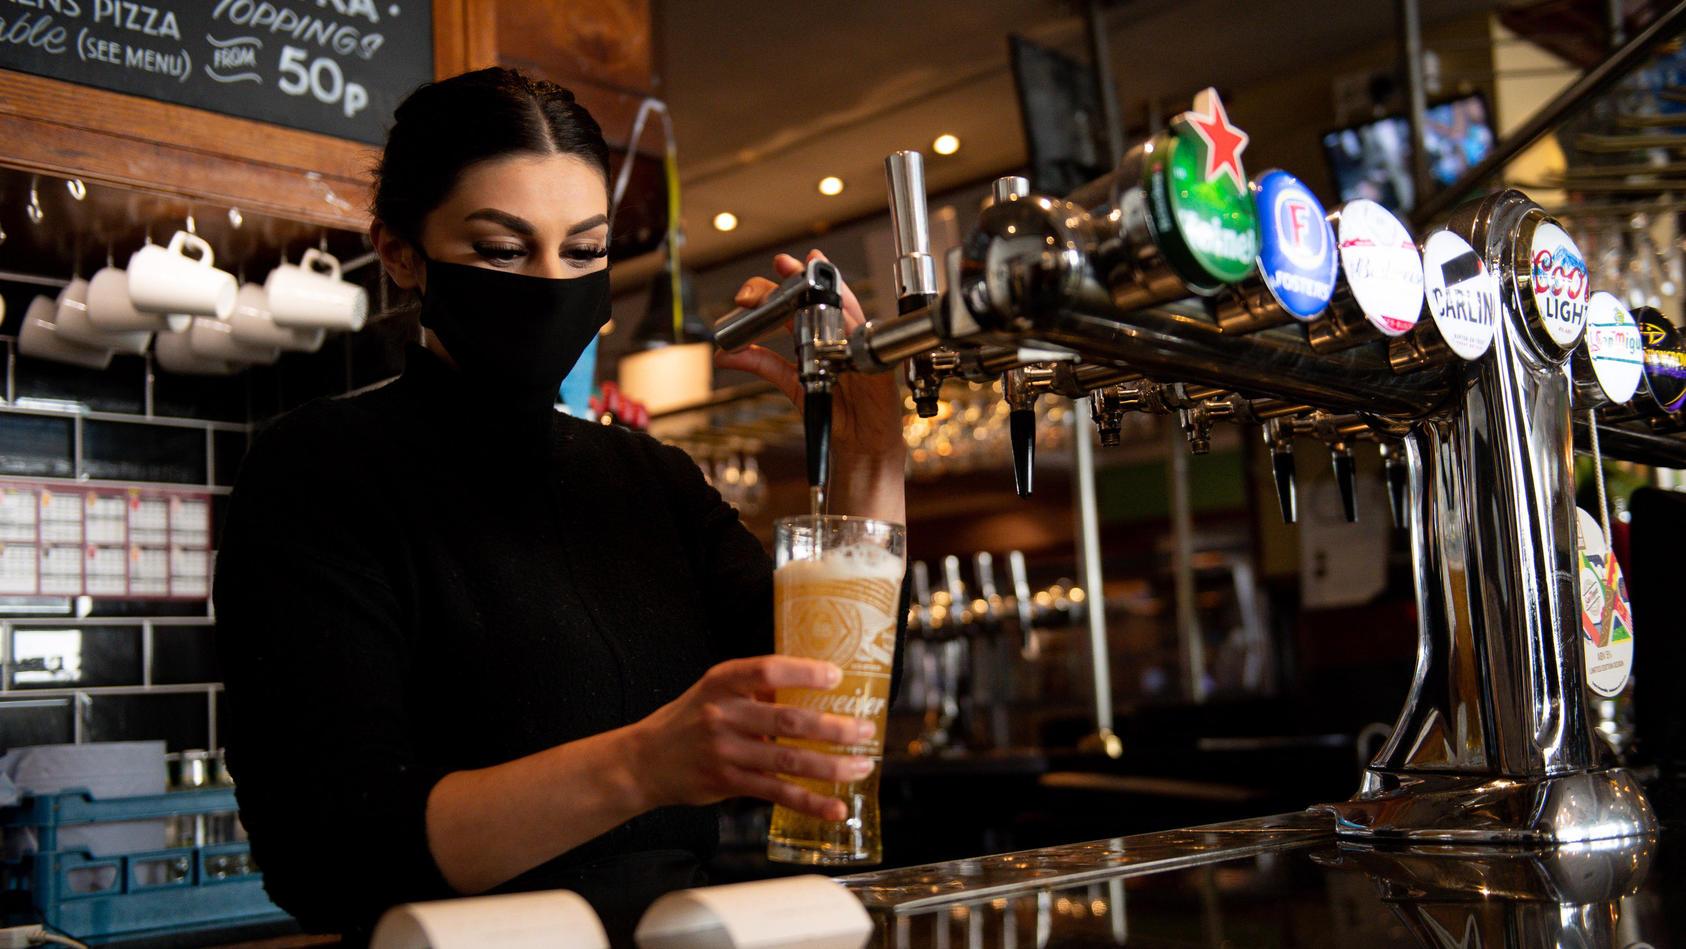 Ein Bierchen mit den Kollegen trinken: Das ist bei diesem Job auf jeden Fall drin.